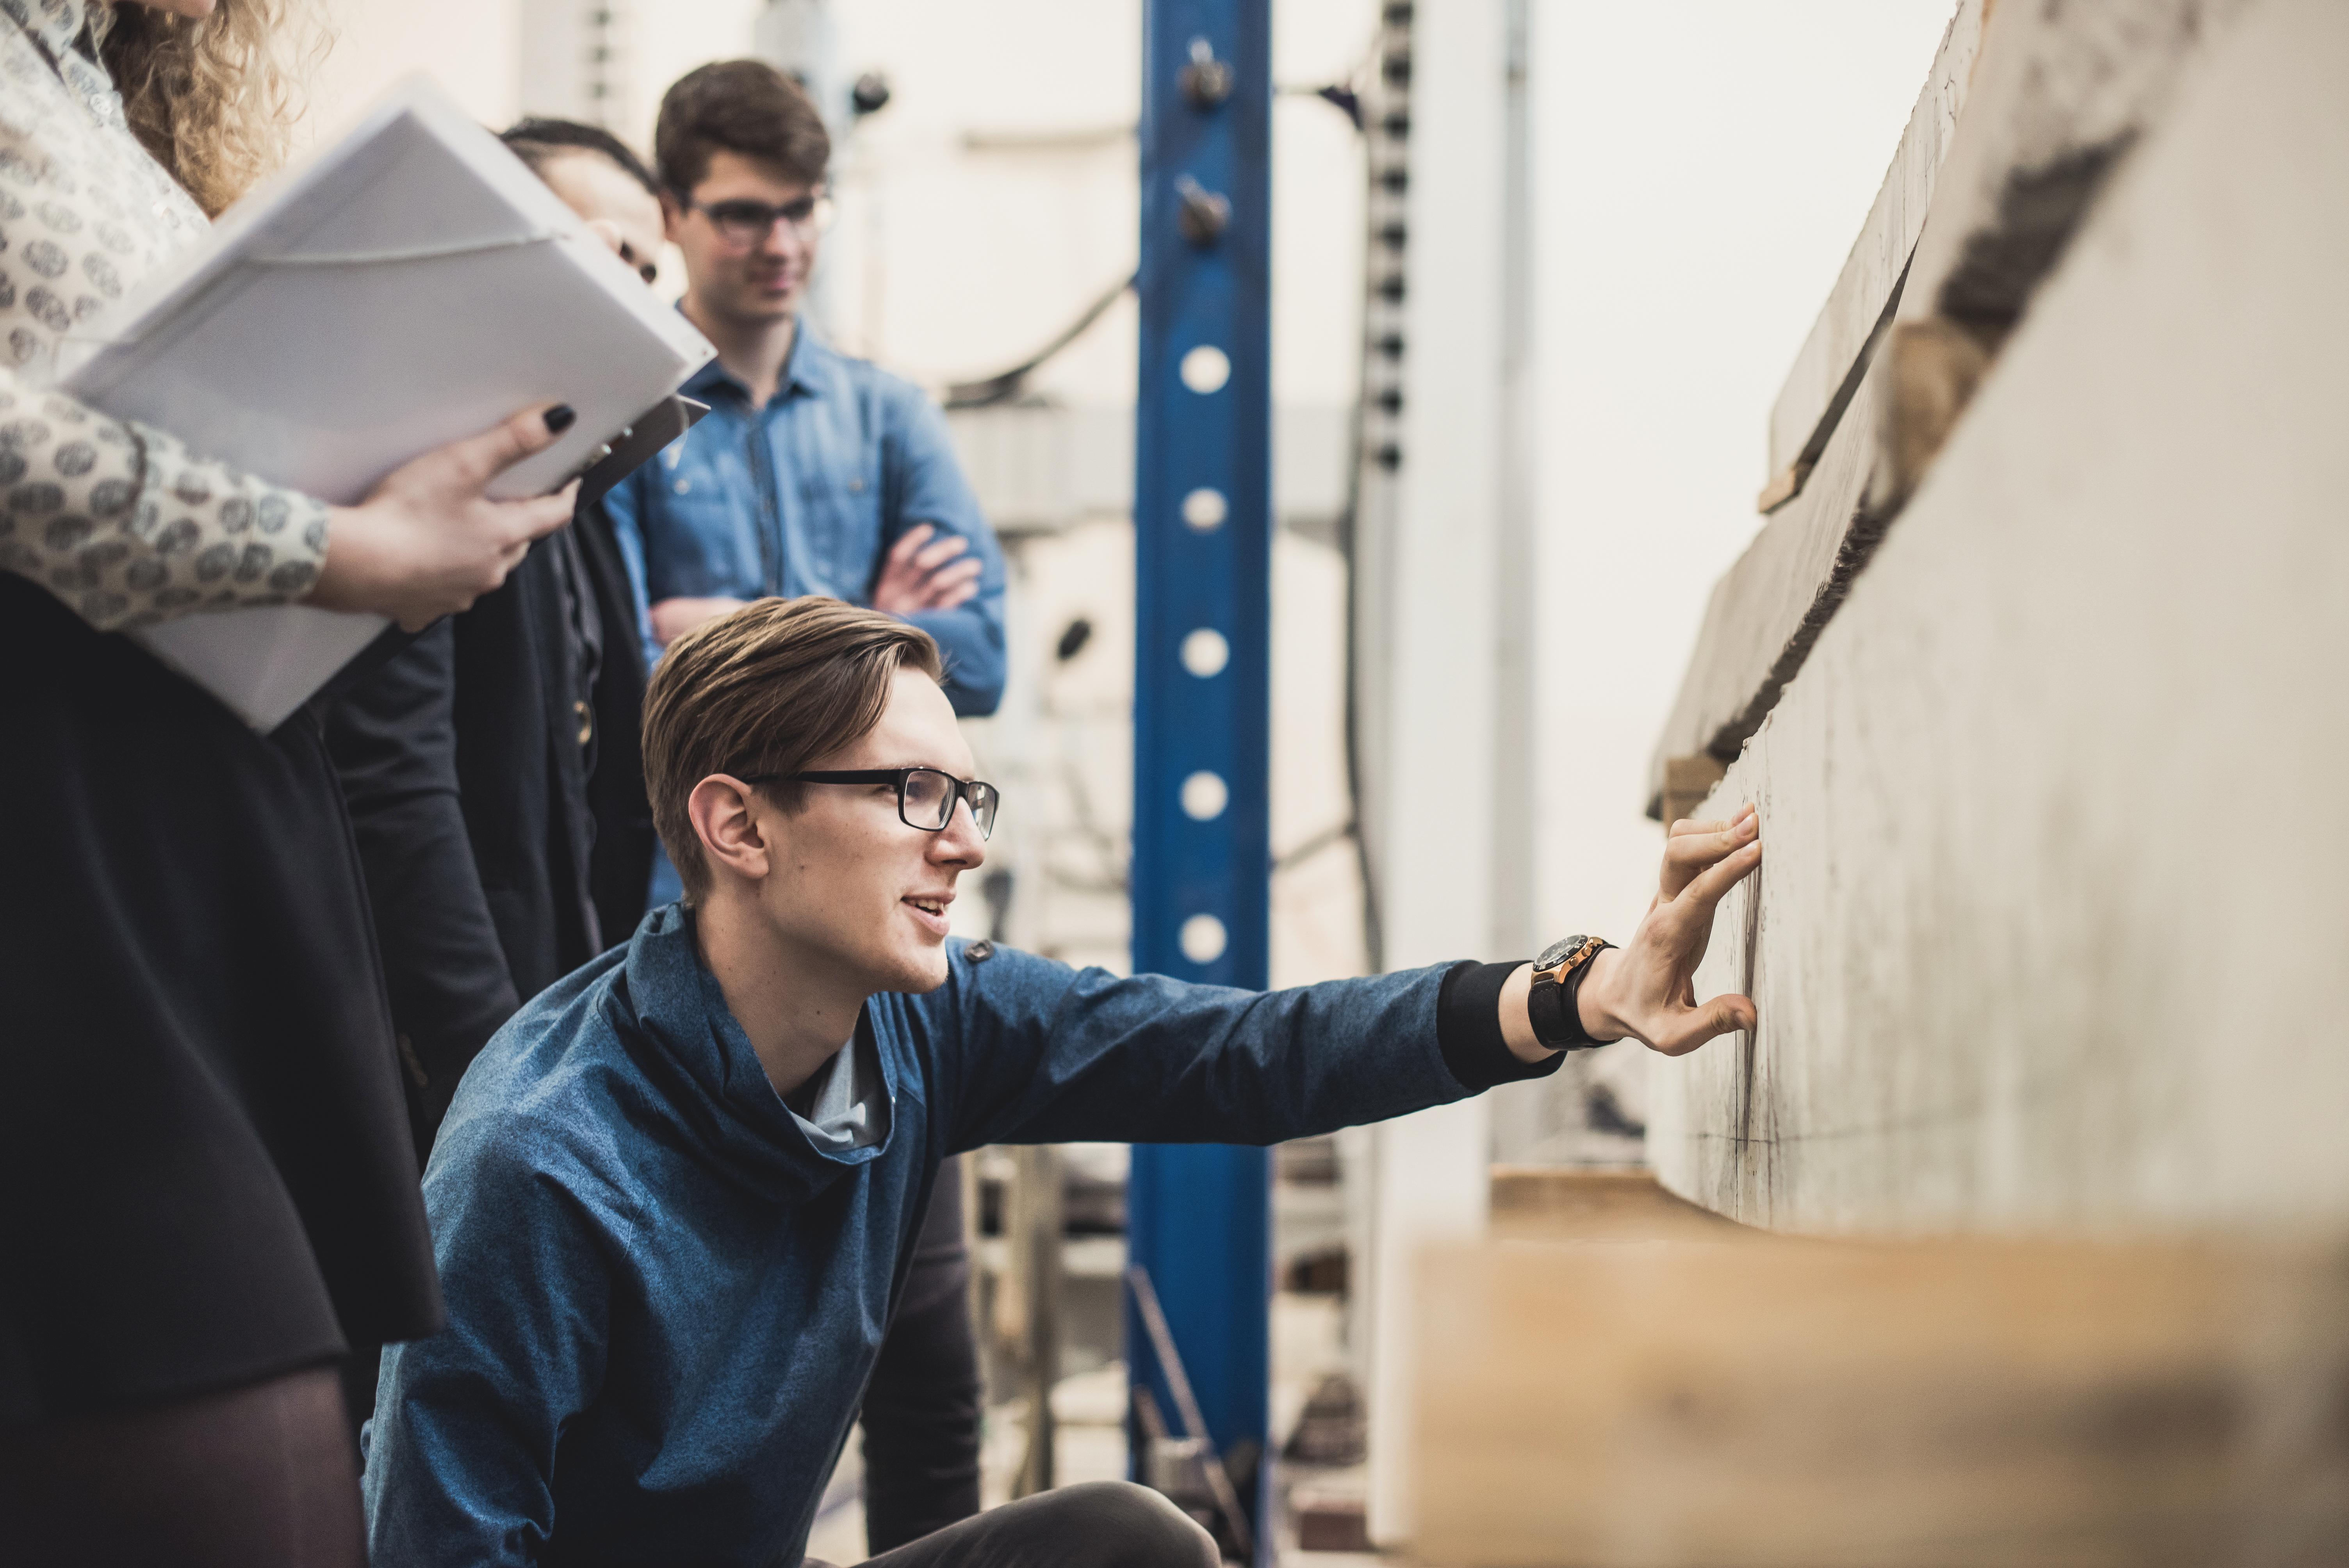 Besidomintiems statybos inžinerijos bakalauro ištęstinėmis nuotolinėmis studijomis VGTU